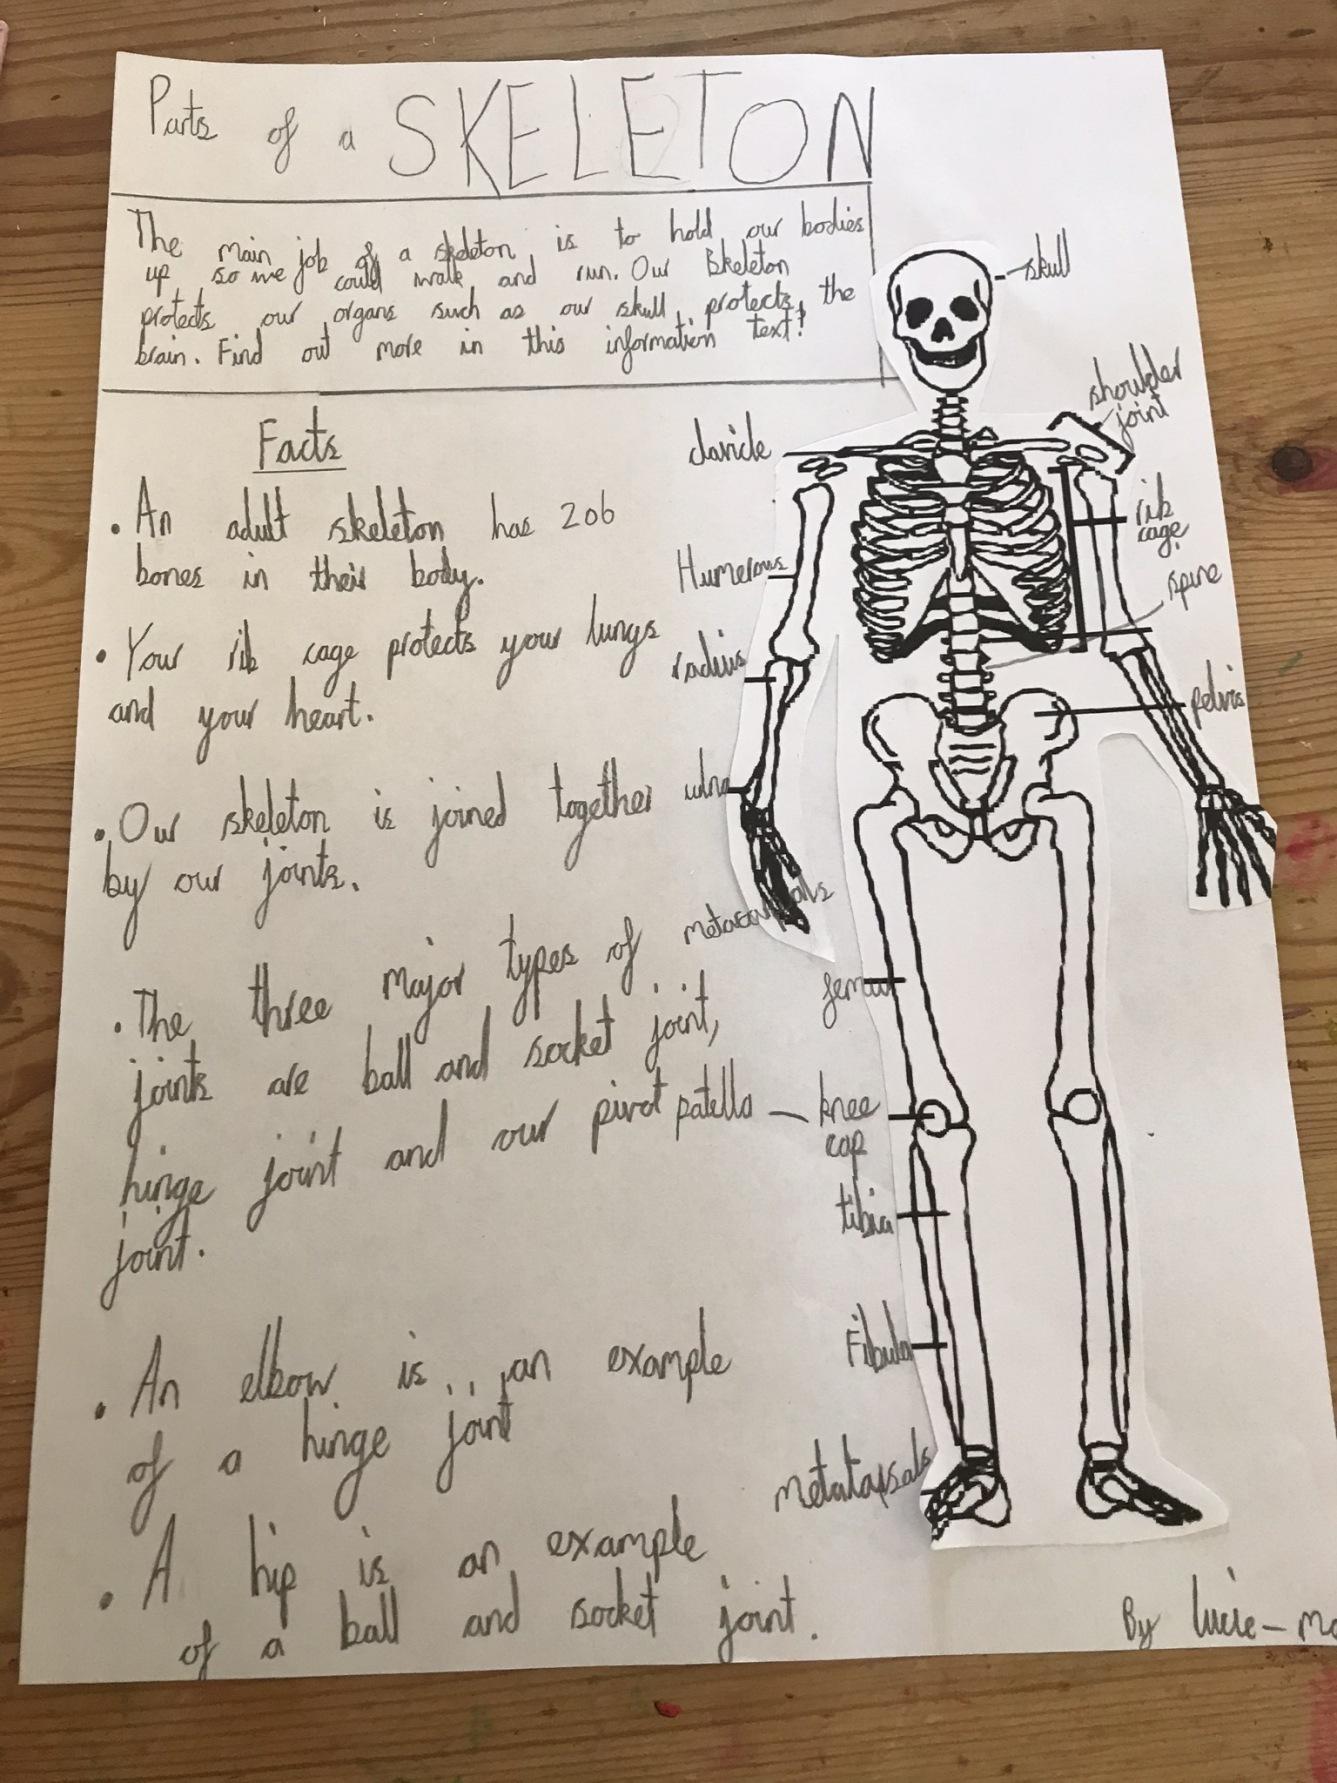 Skeleton-info-text